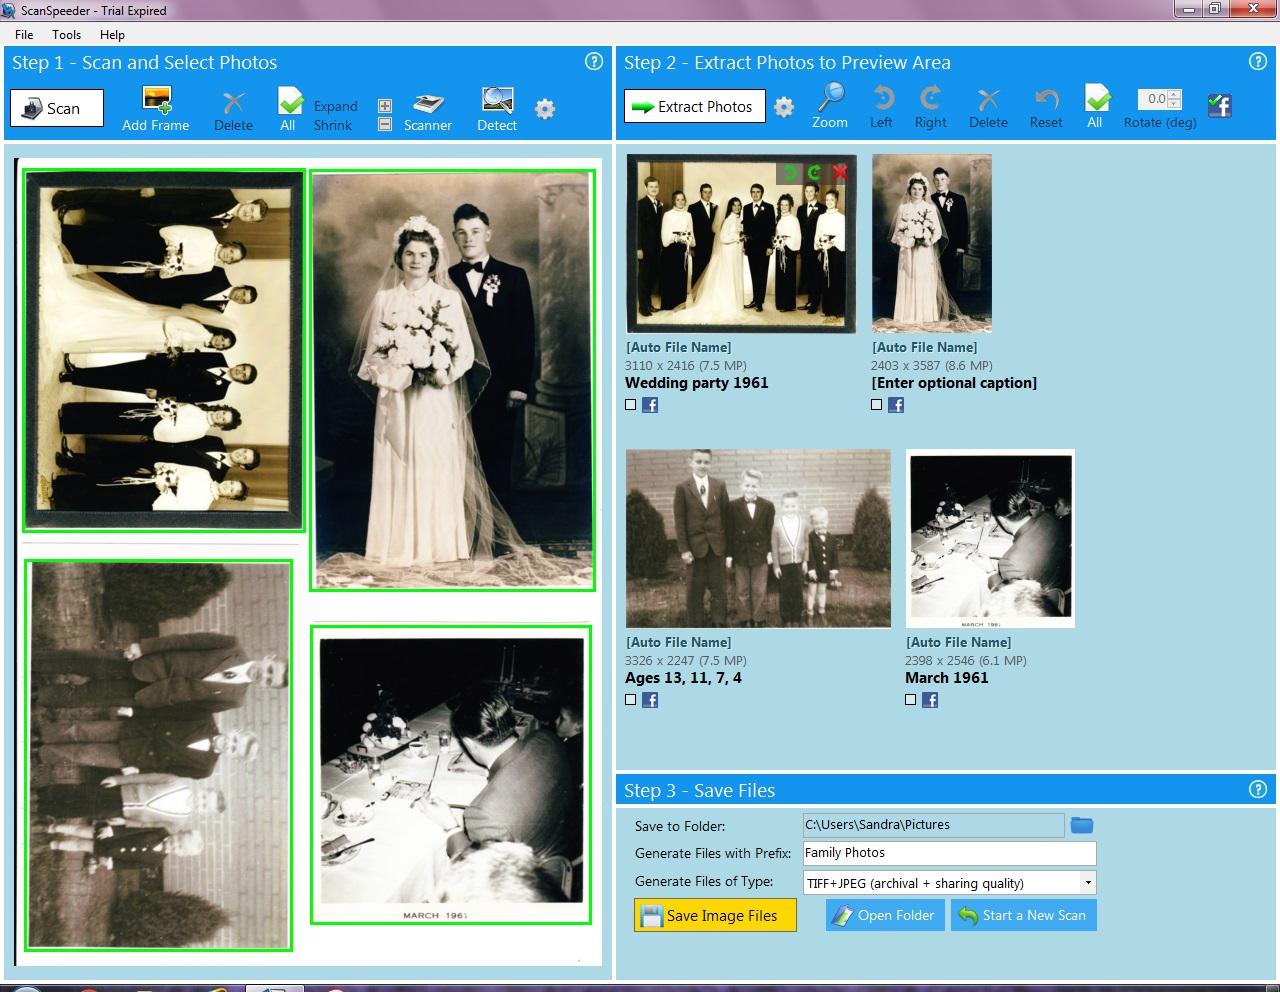 برنامج سكانر خصوصا للصور القديمة Nitro Logic ScanSpeeder v1.5.3